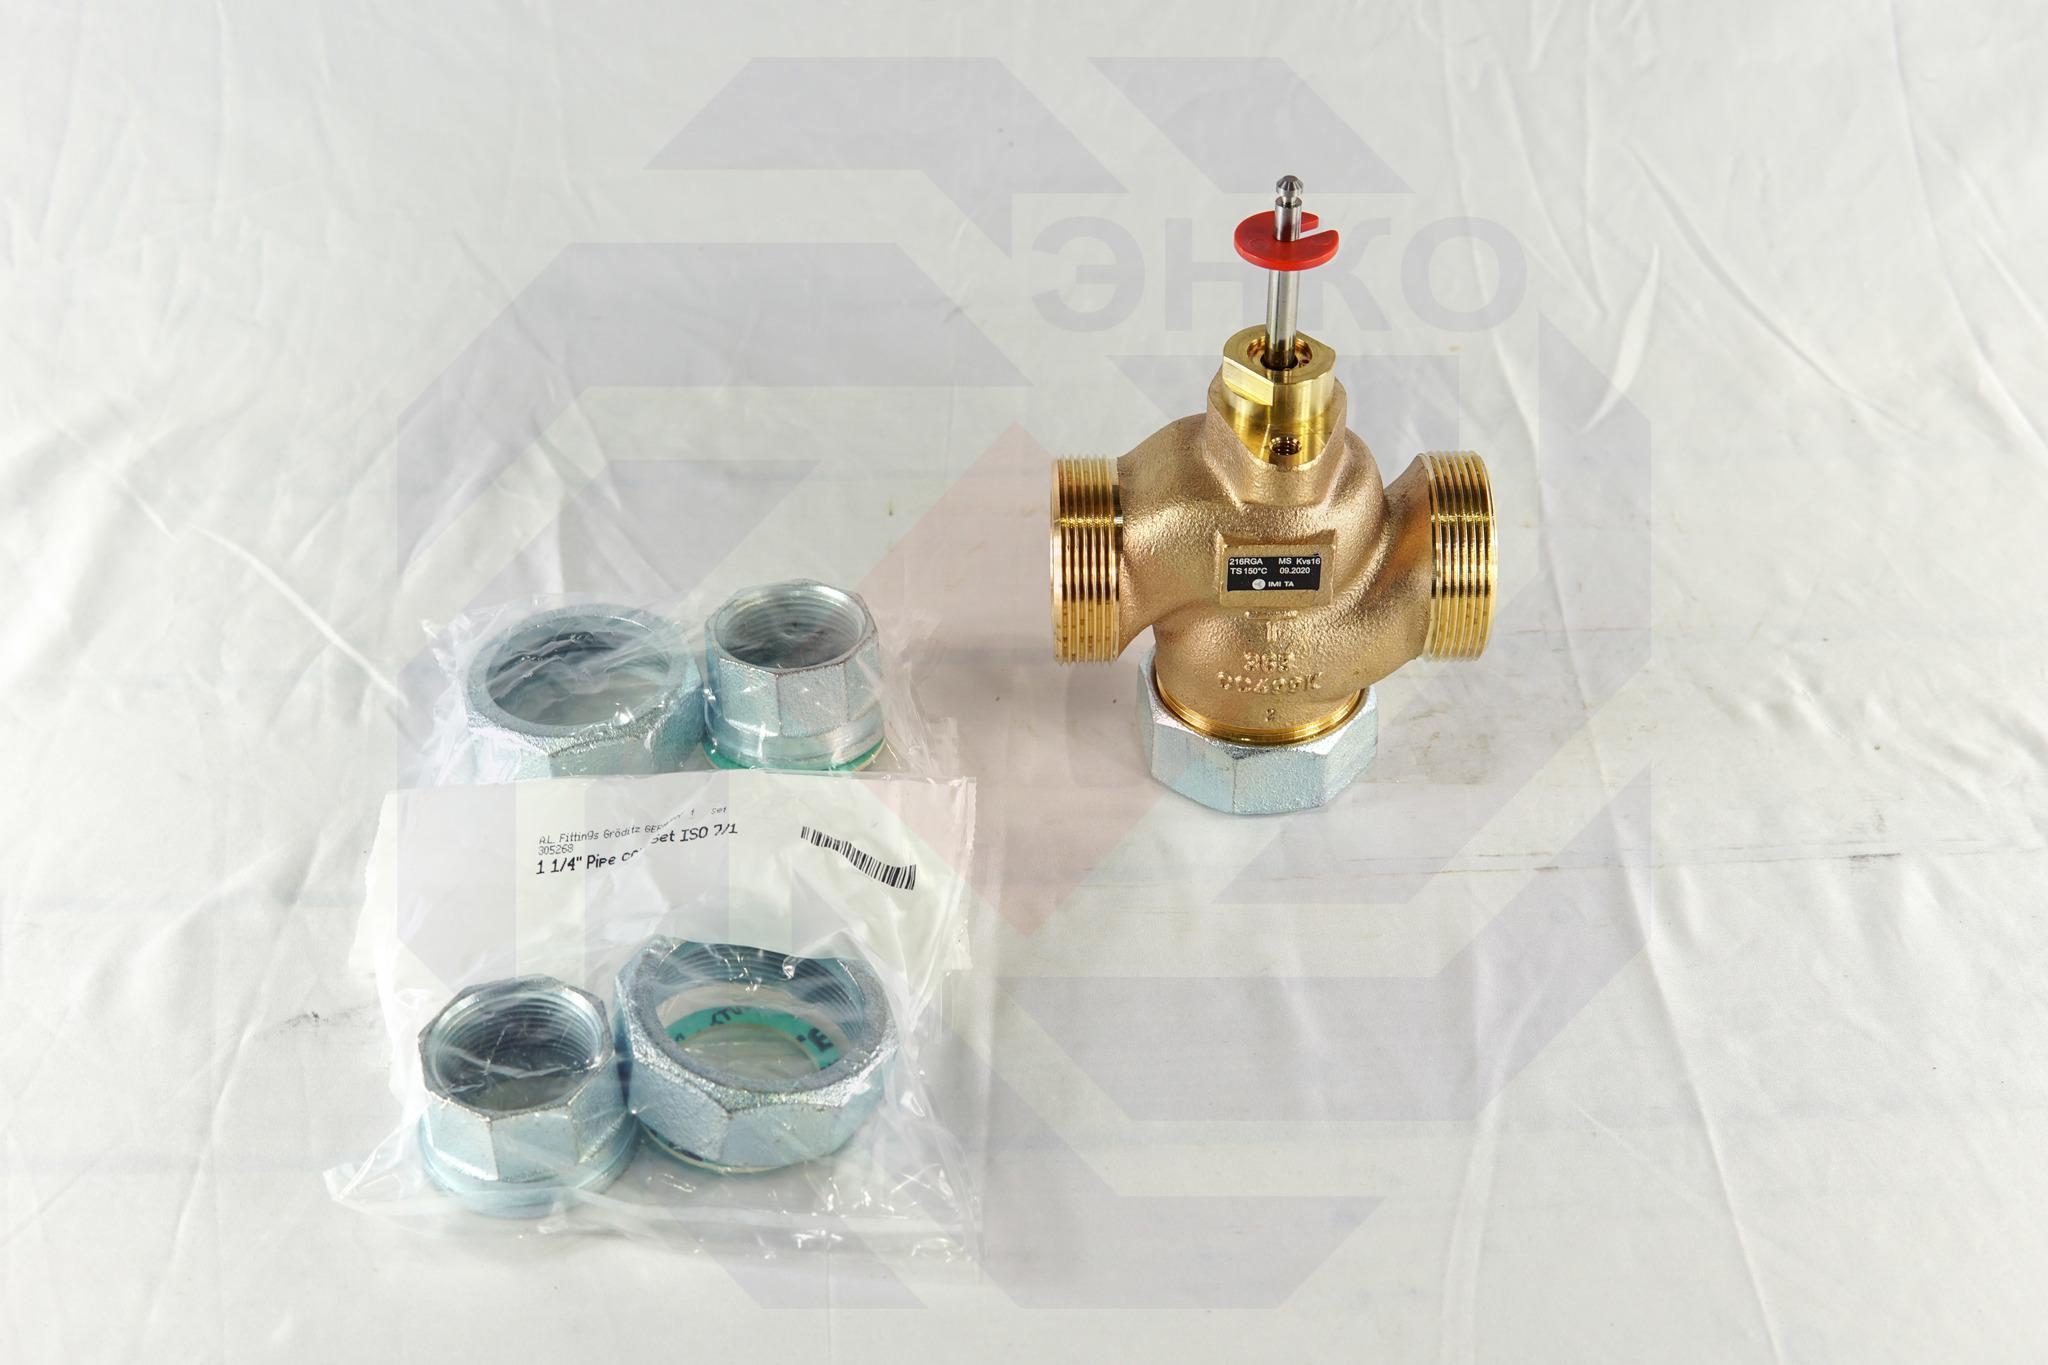 Клапан регулирующий двухходовой IMI CV216 RGA DN 32